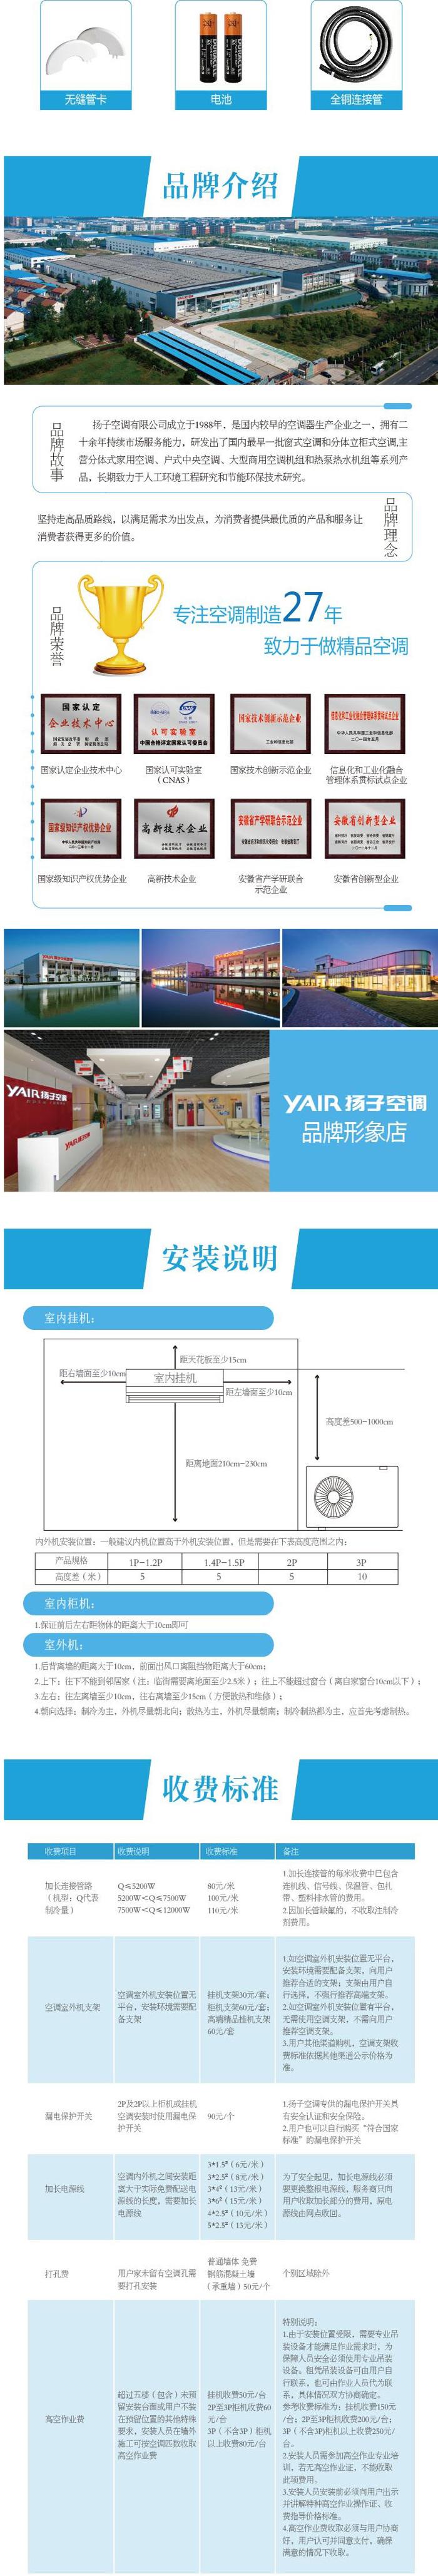 【当当自营】扬子(yair) 1.5匹 挂壁式冷暖定频空调 kfrd-35gw/083-e3